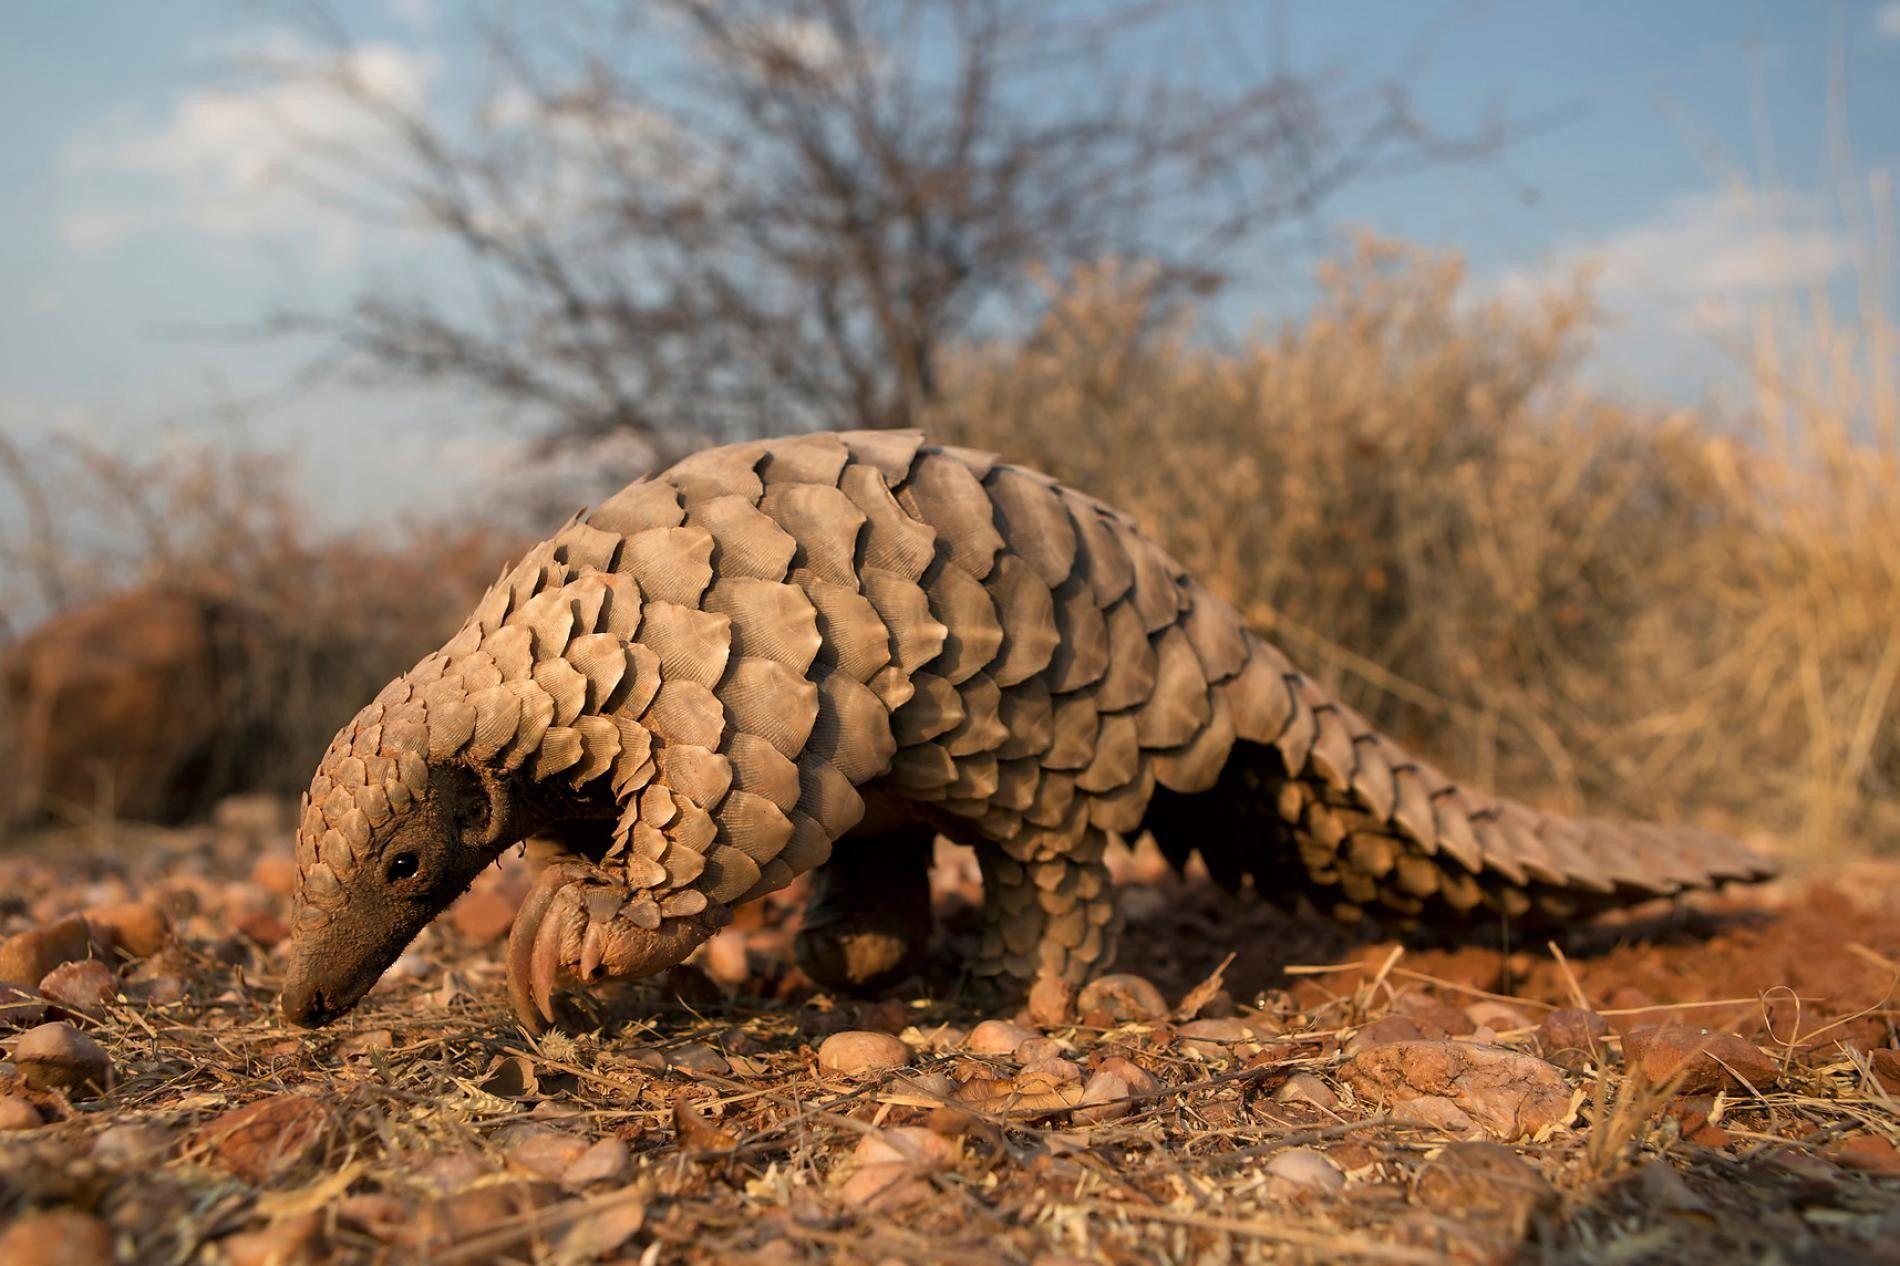 Un pangolin est ici photographié en Namibie. Le gouvernement namibien soutient les programmes de protection du vulnérable animal.